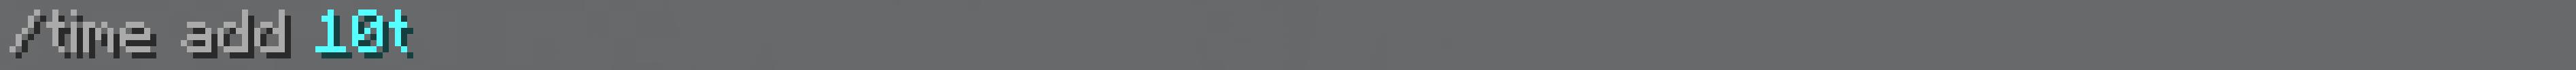 Immagine: aggiunta di 10 Ticks usando l'unità di misura T, col comando Time add